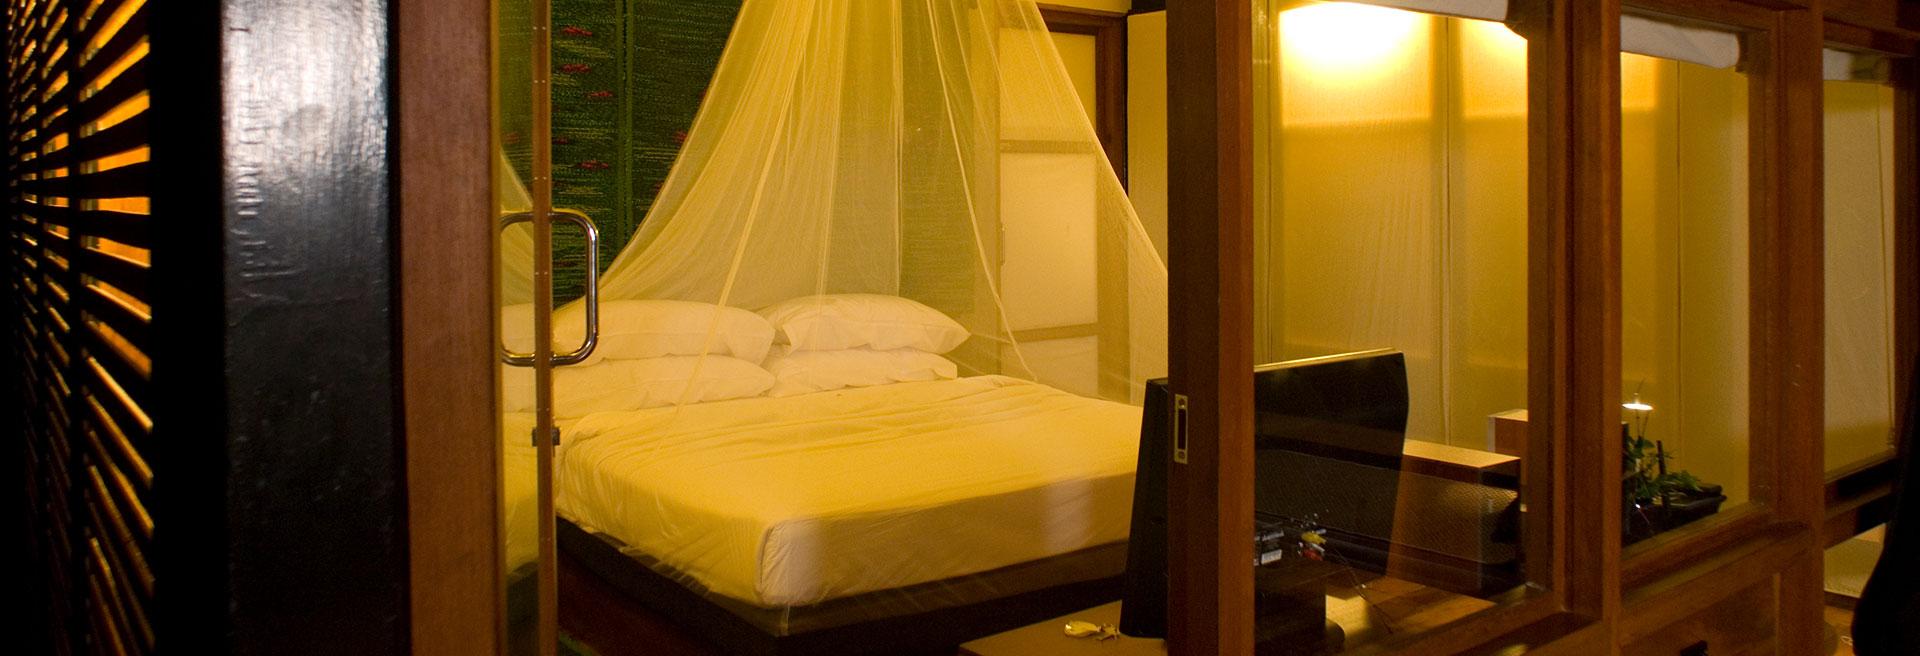 Deluxe bed